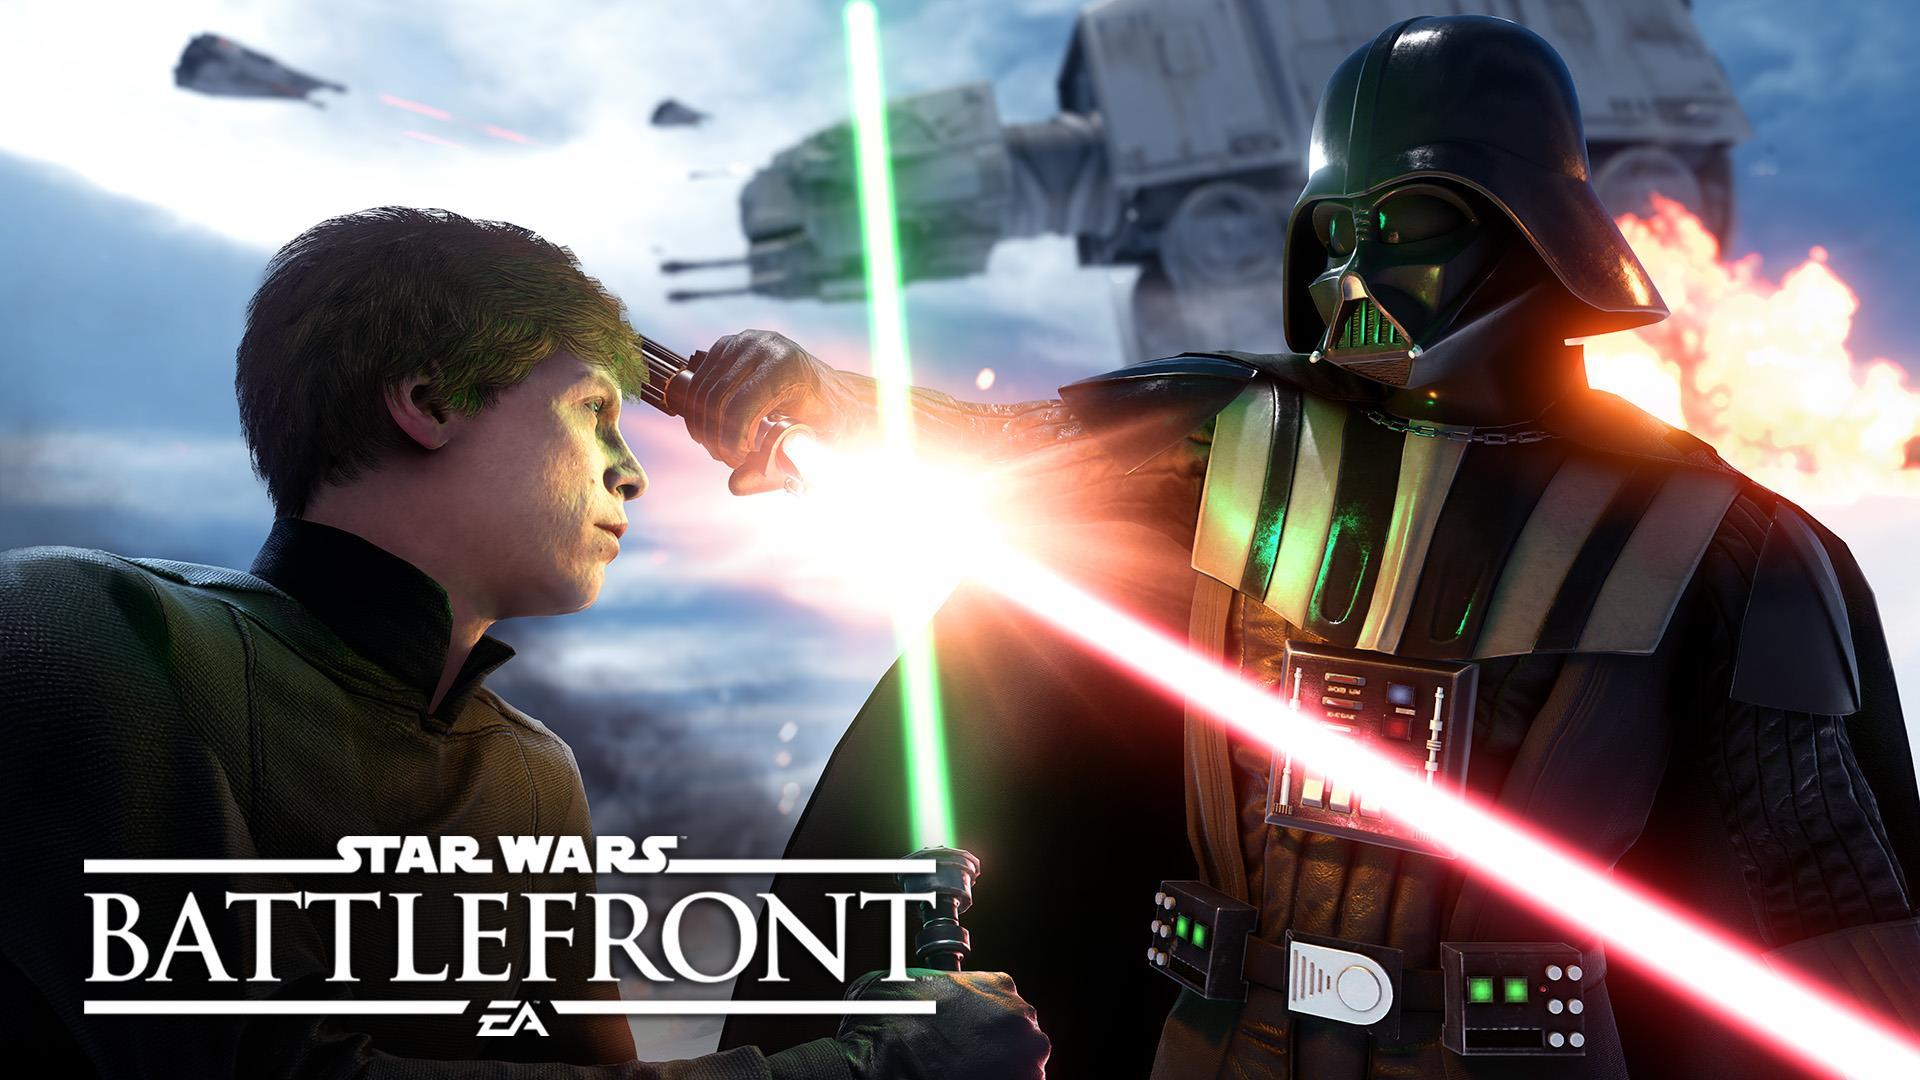 Star Wars Battlefront Screens Show Skywalker  Vader  Hoth